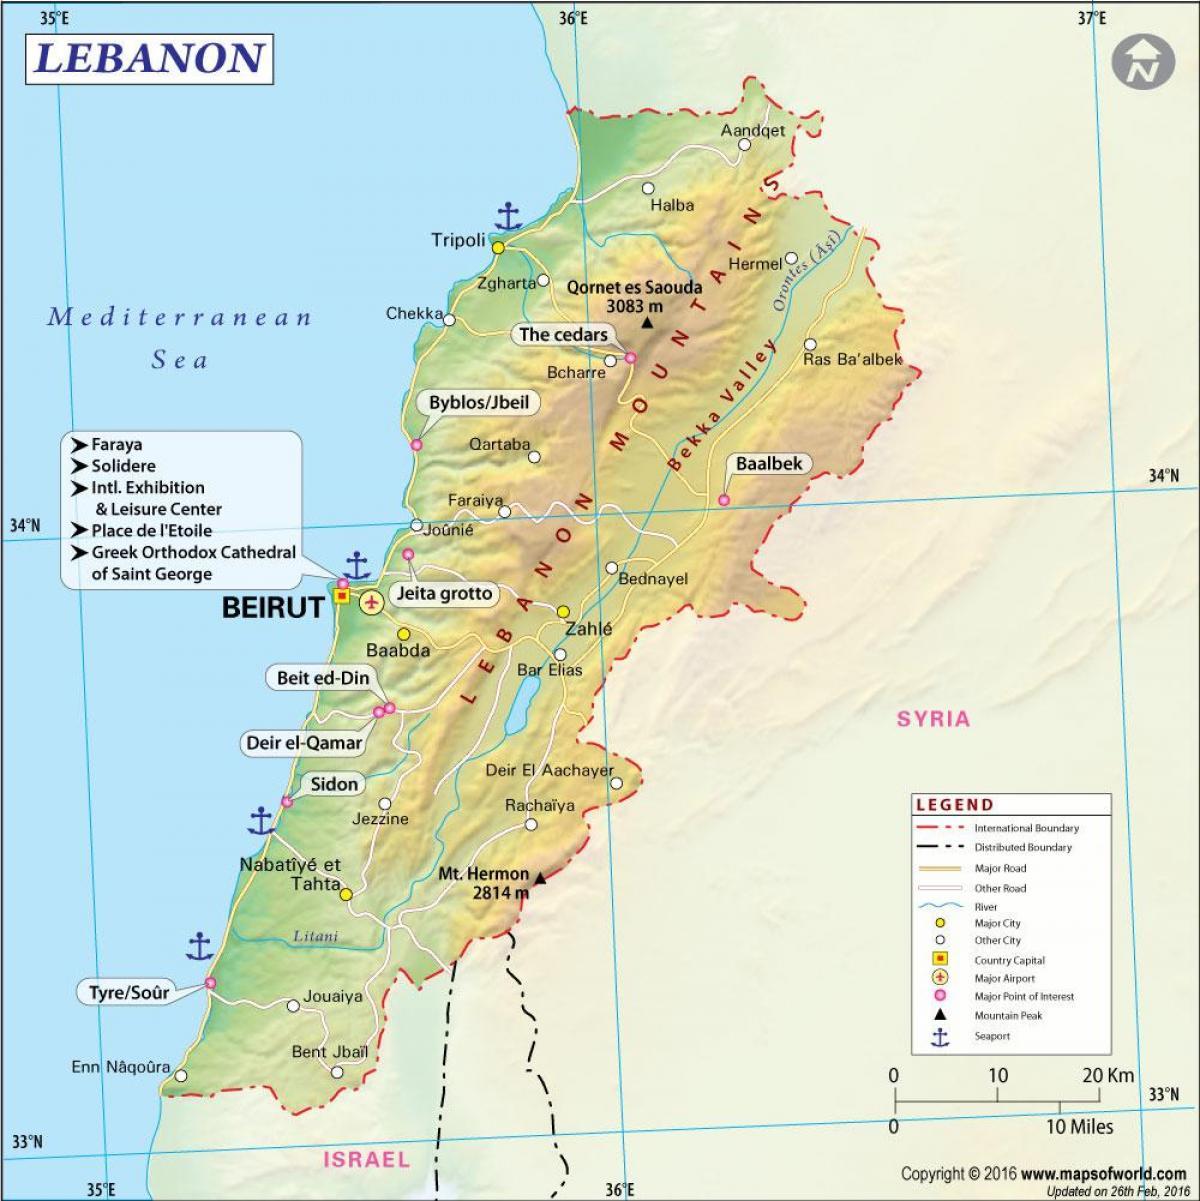 Cartina Fisica Del Libano.Libano Mappa Dell Europa Cartina Di Libano Europa Occidentale Asia Asia